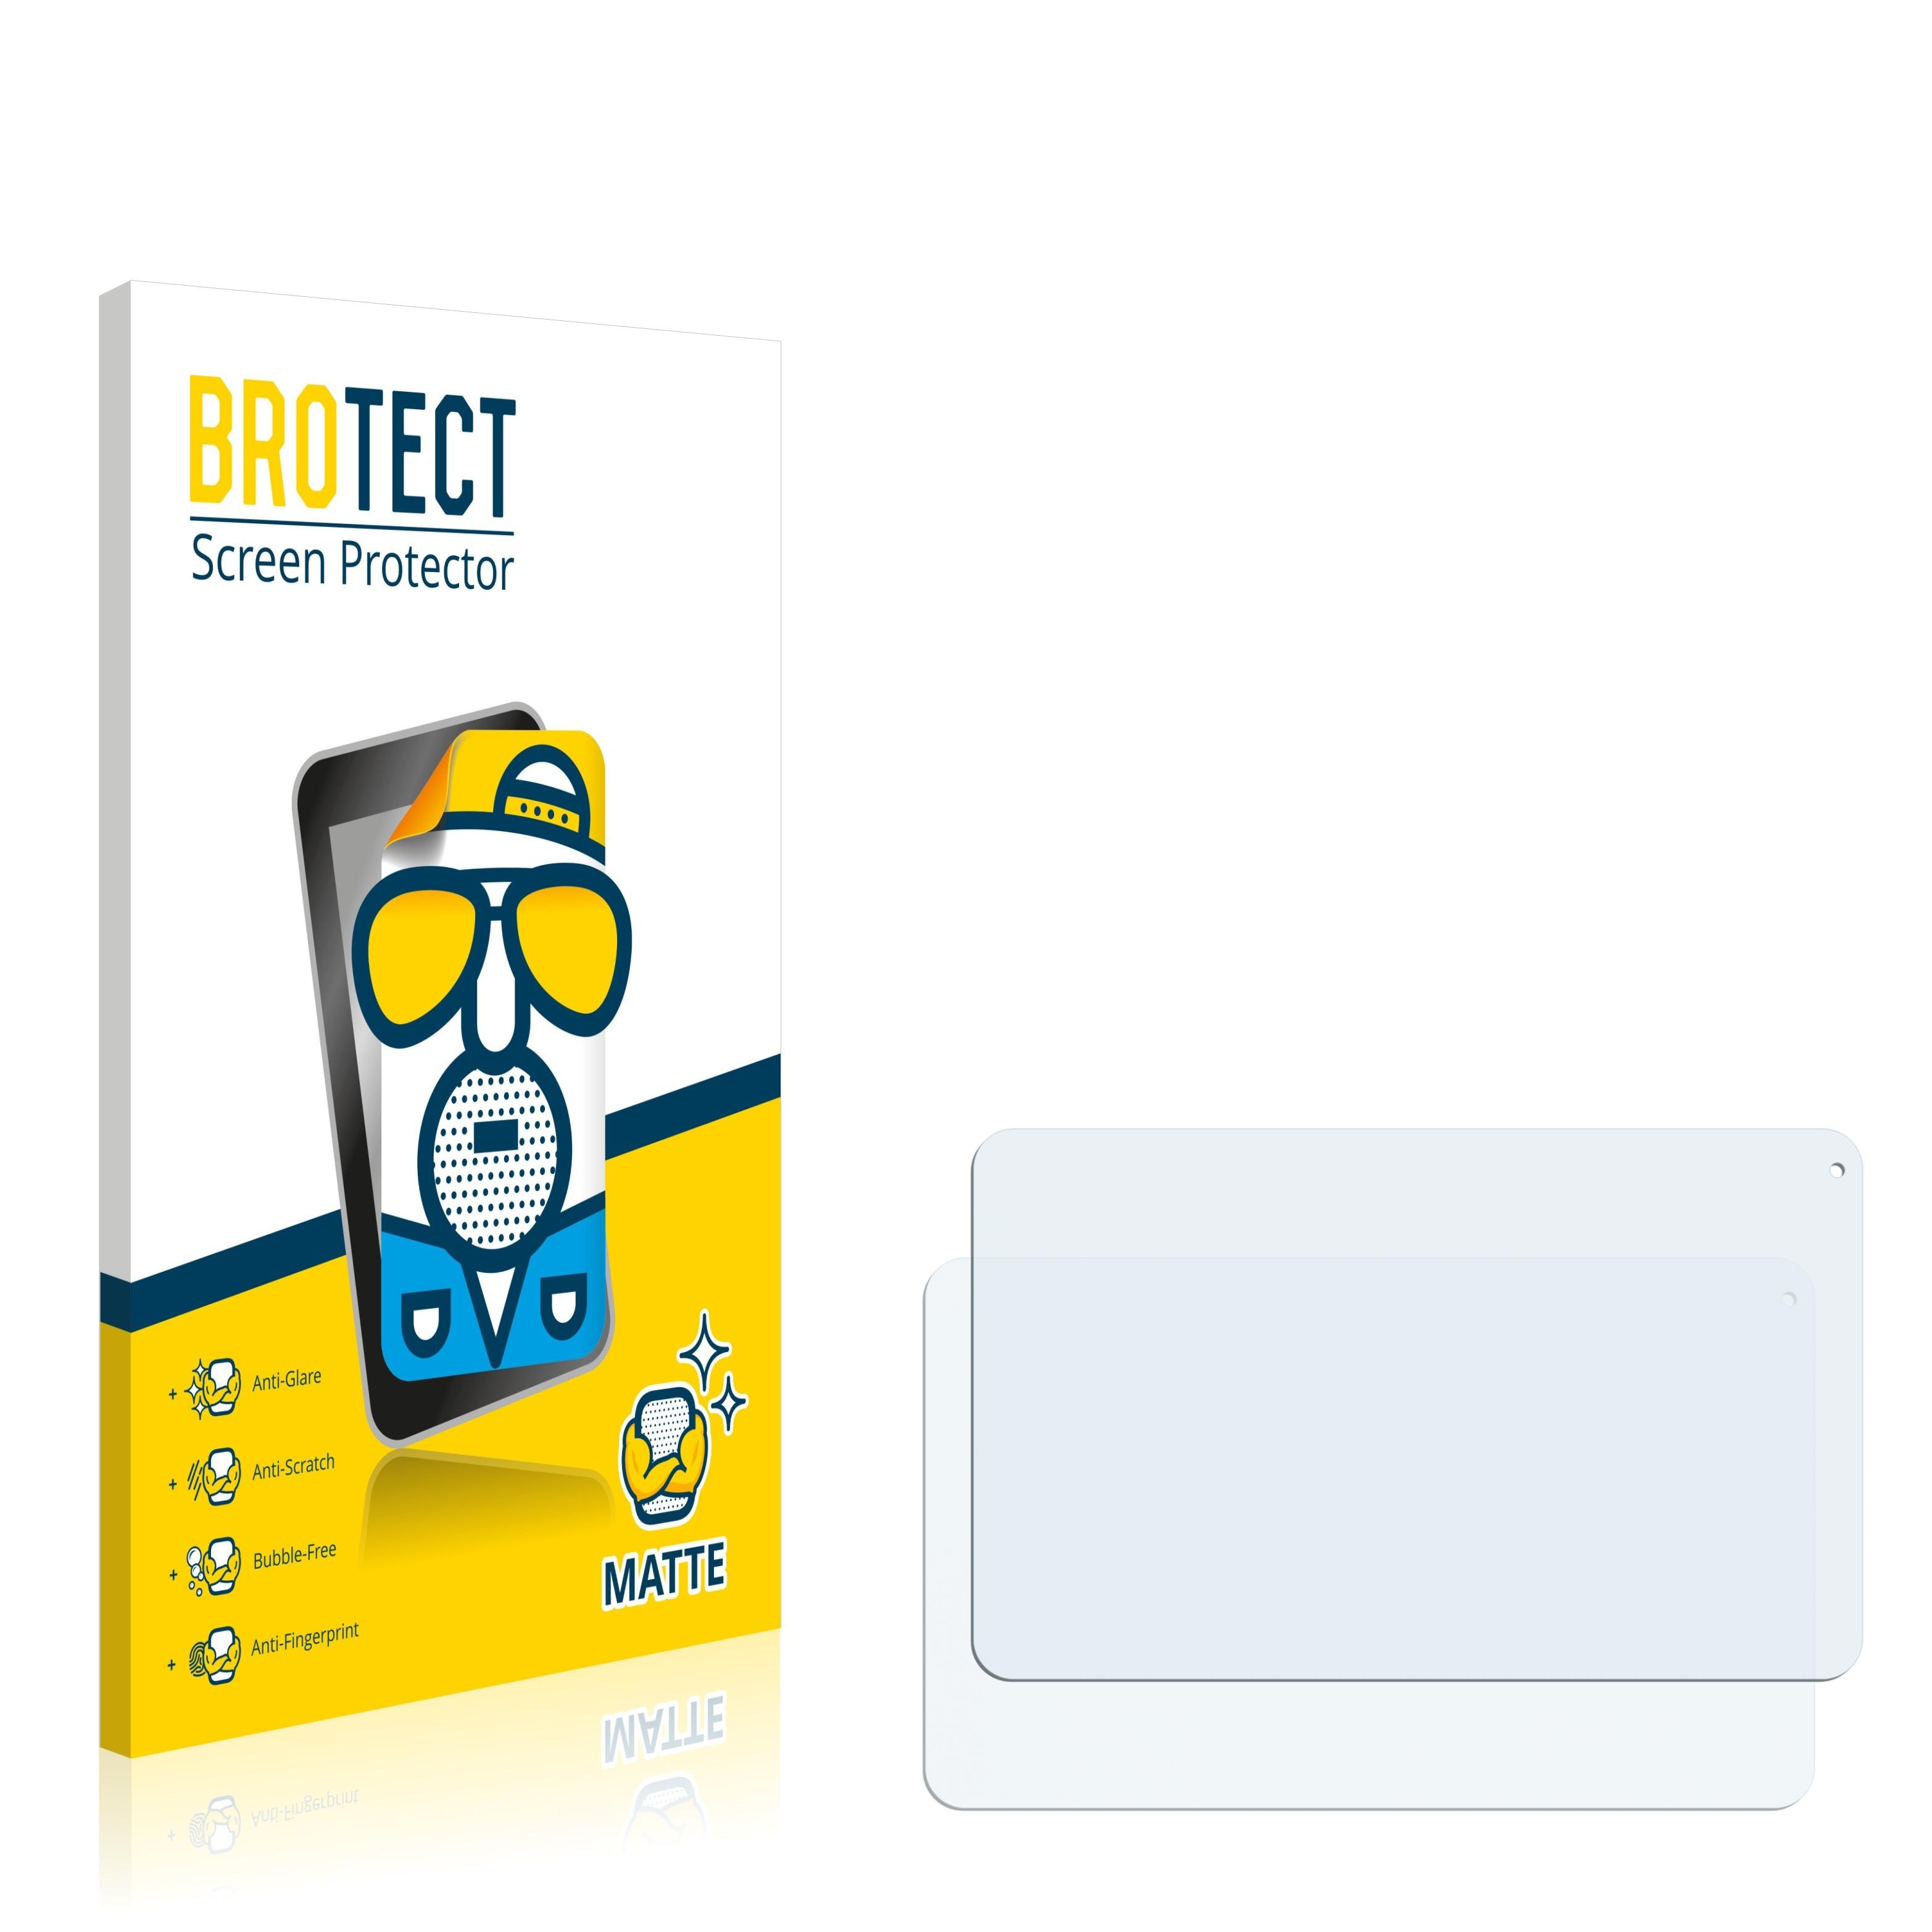 Matná ochranná fólie BROTECT pro A-Rival Tablet BioniQ 1001, 2 ks